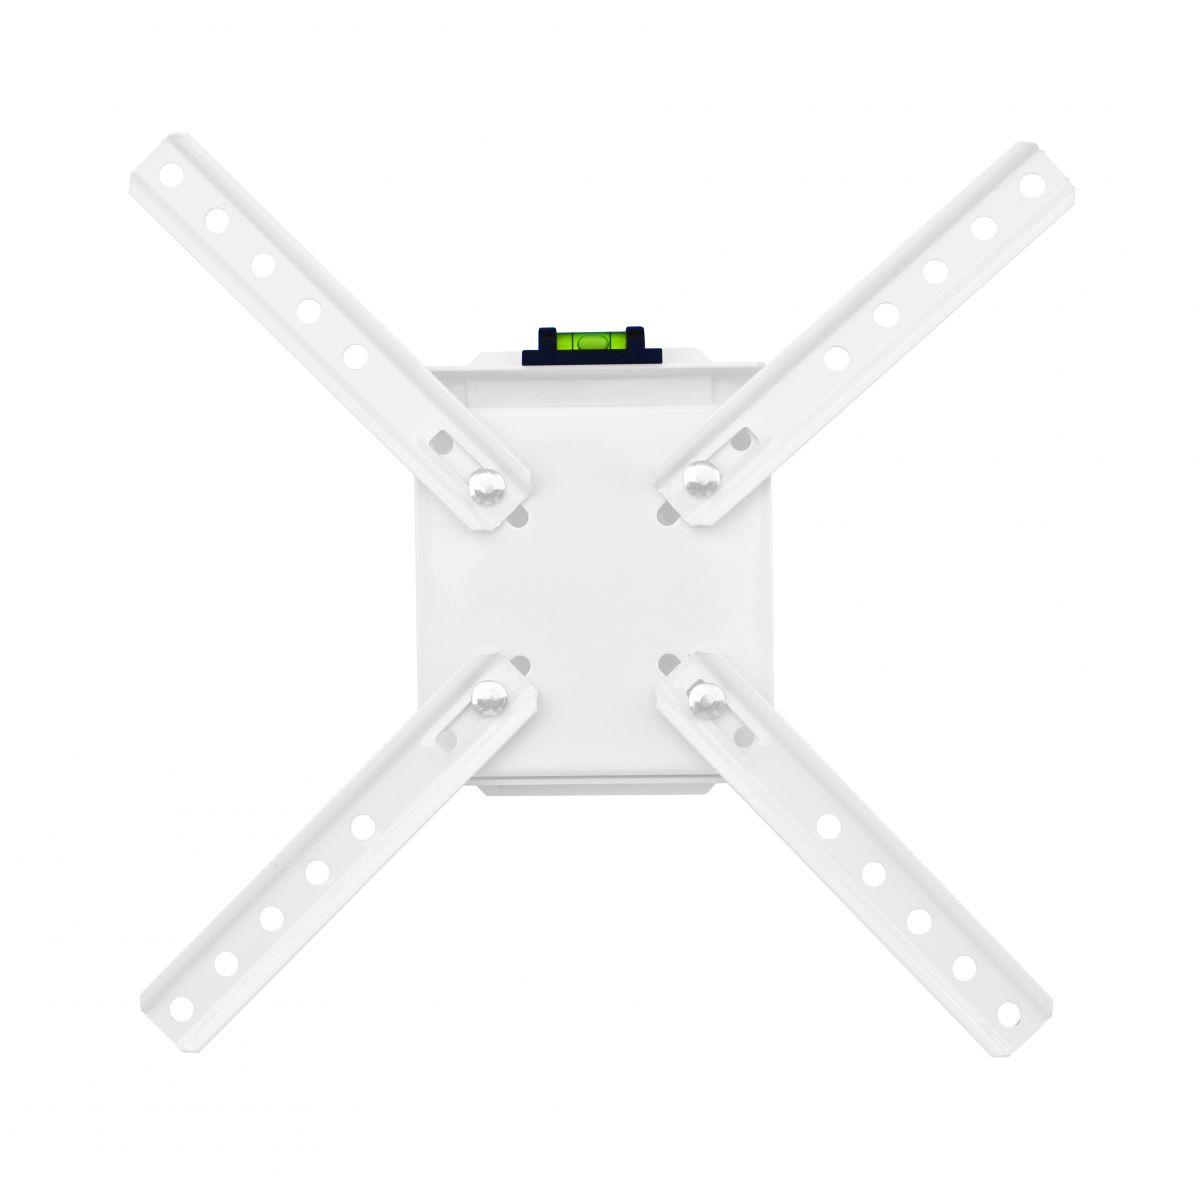 Suporte de Parede Fixo ou Inclinável Brasforma SBRLB110B - para TV LCD|LED|PLASMA|3D 10´ a 42´, Cor: Branco